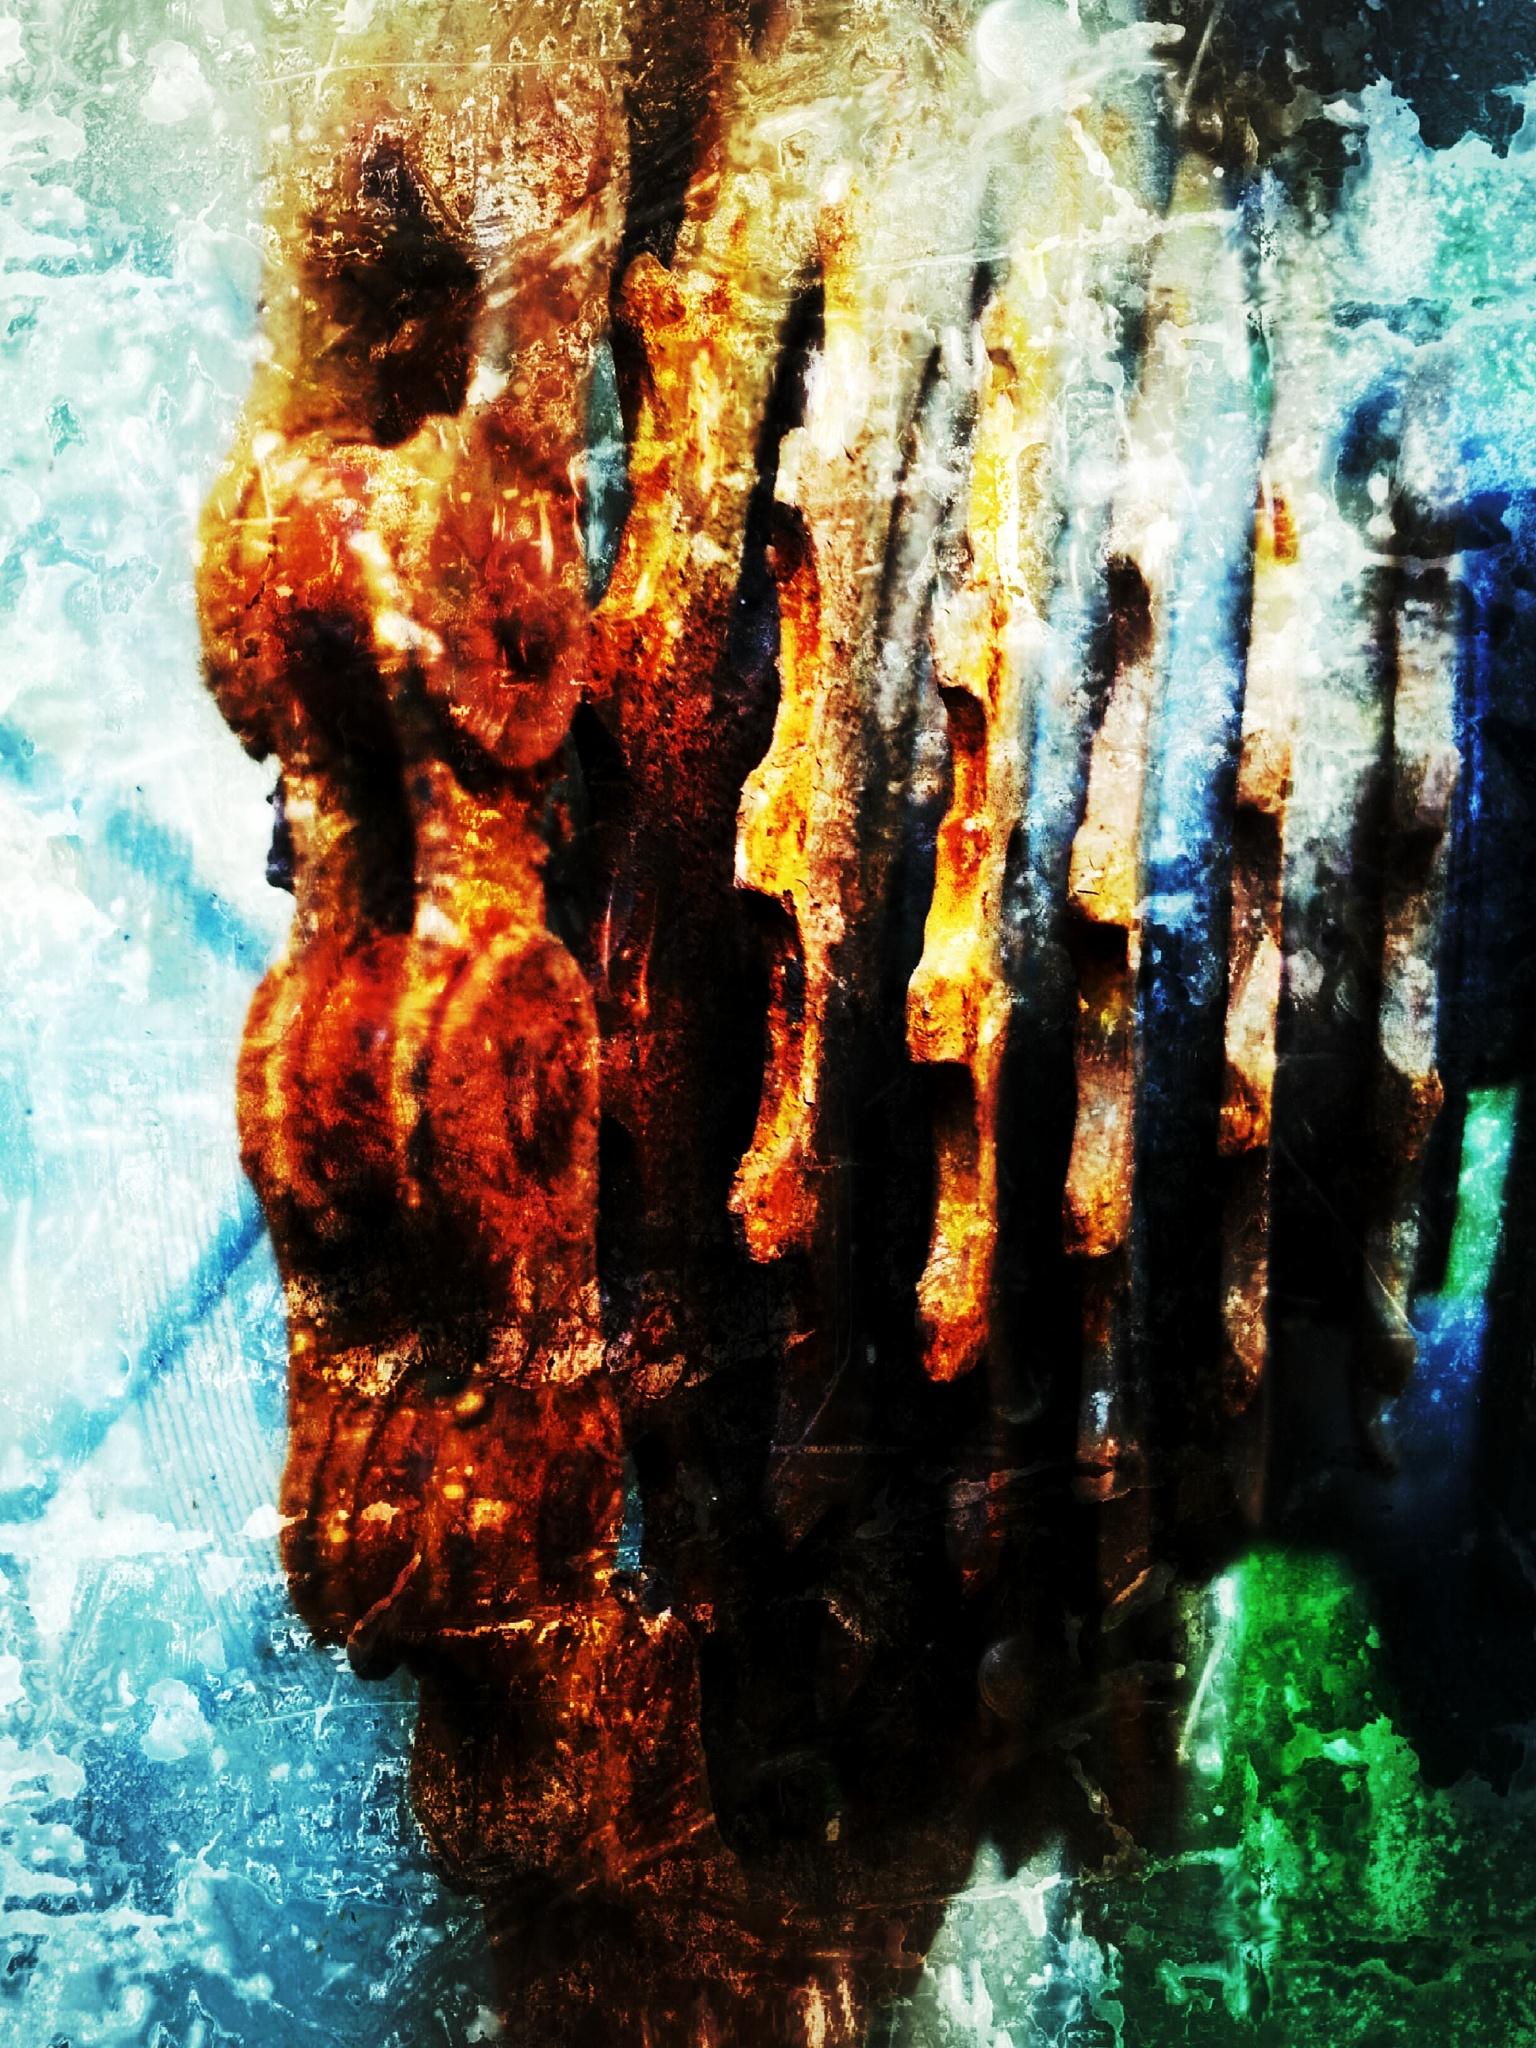 rust art by Markus Springer